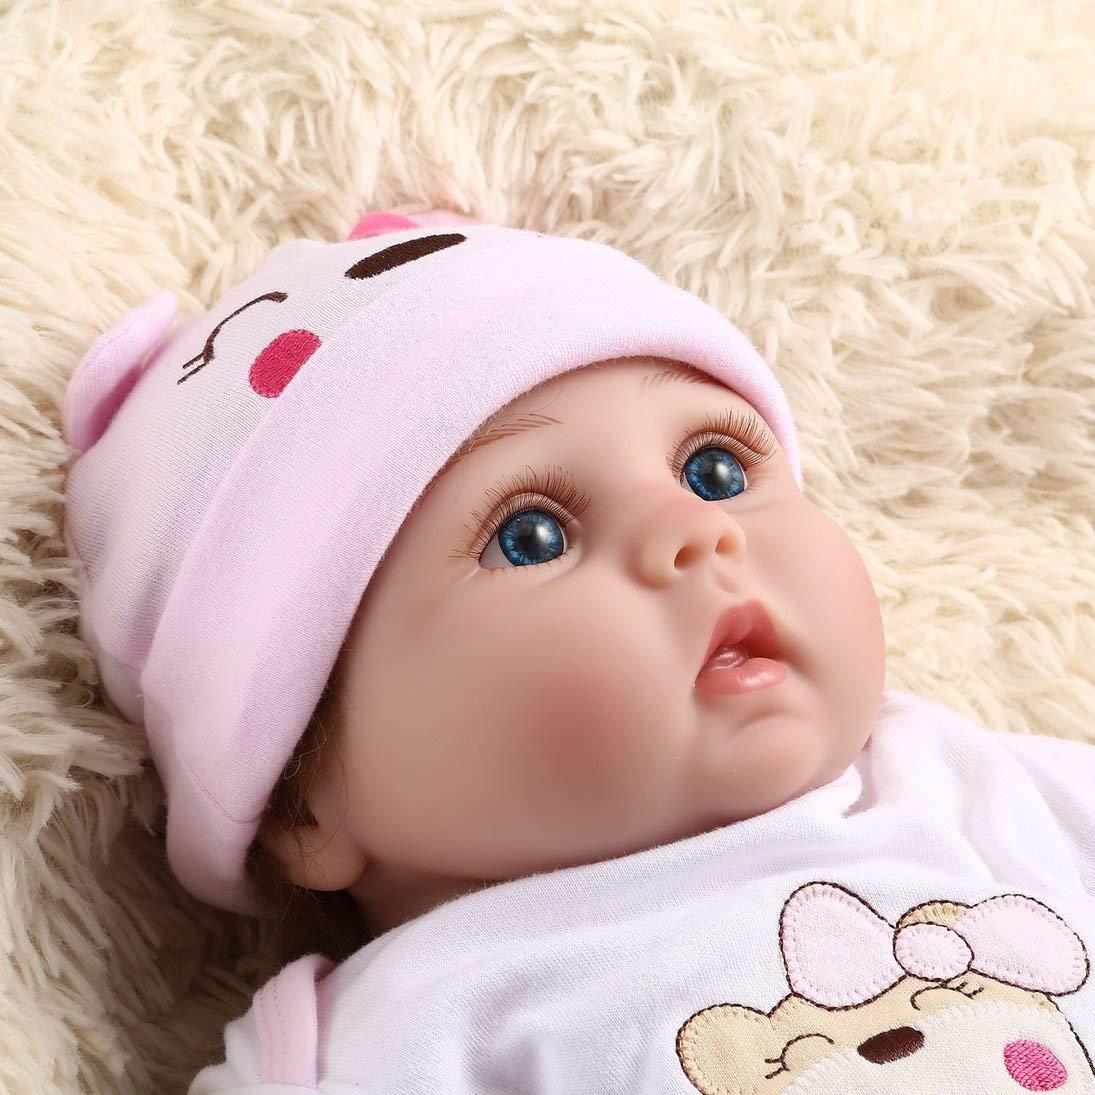 ToGames-IT 55CM 6PCS Set Reborn Baby Doll Bambola realistica Bambola Appena Nata Ragazza Migliore Regalo